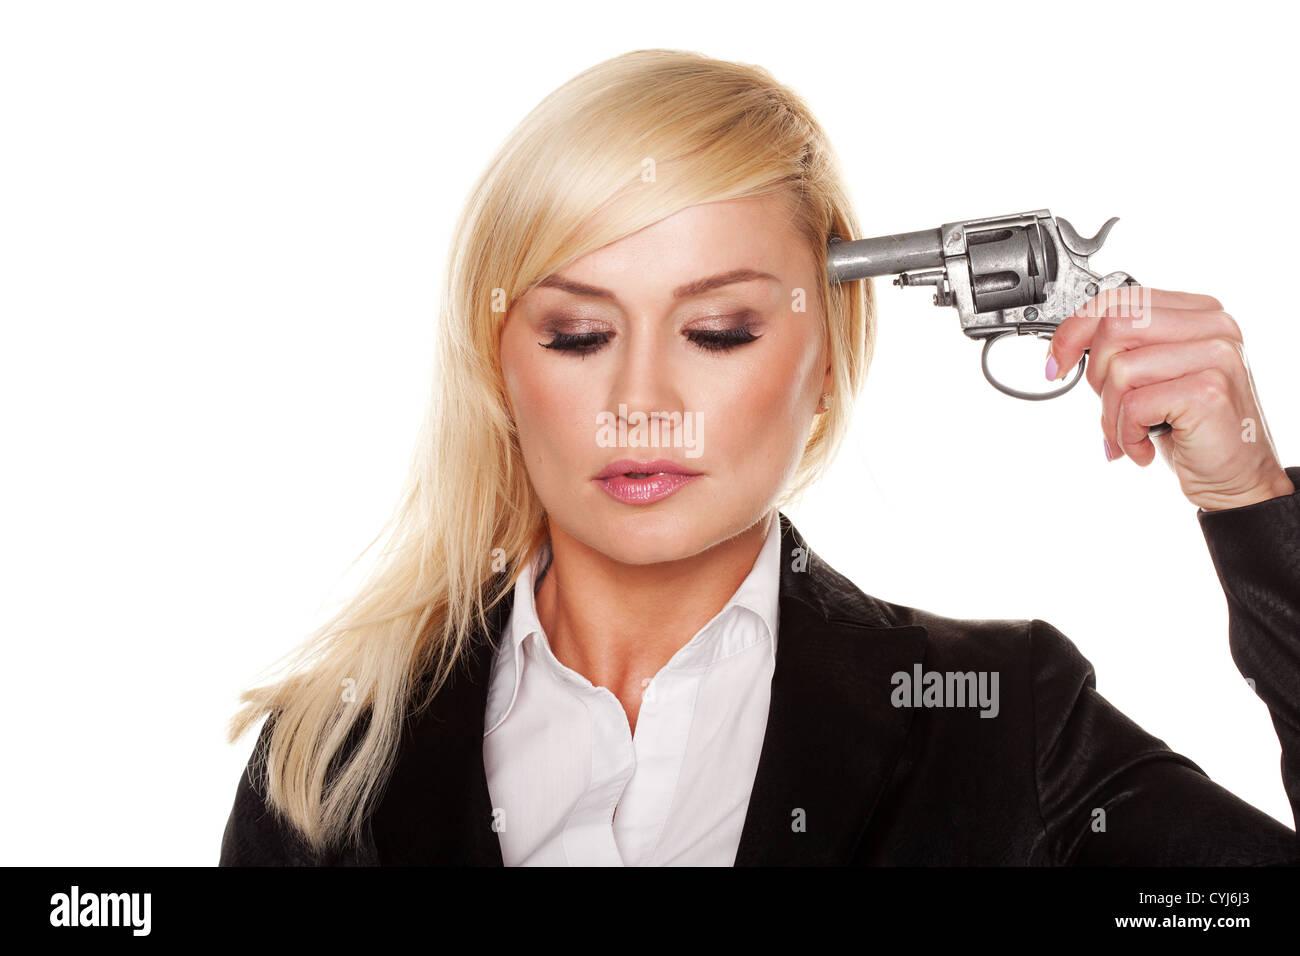 Jeune professionnel femme avec les yeux baissés tenant un pistolet sur sa tête dans une tentative de suicide Photo Stock